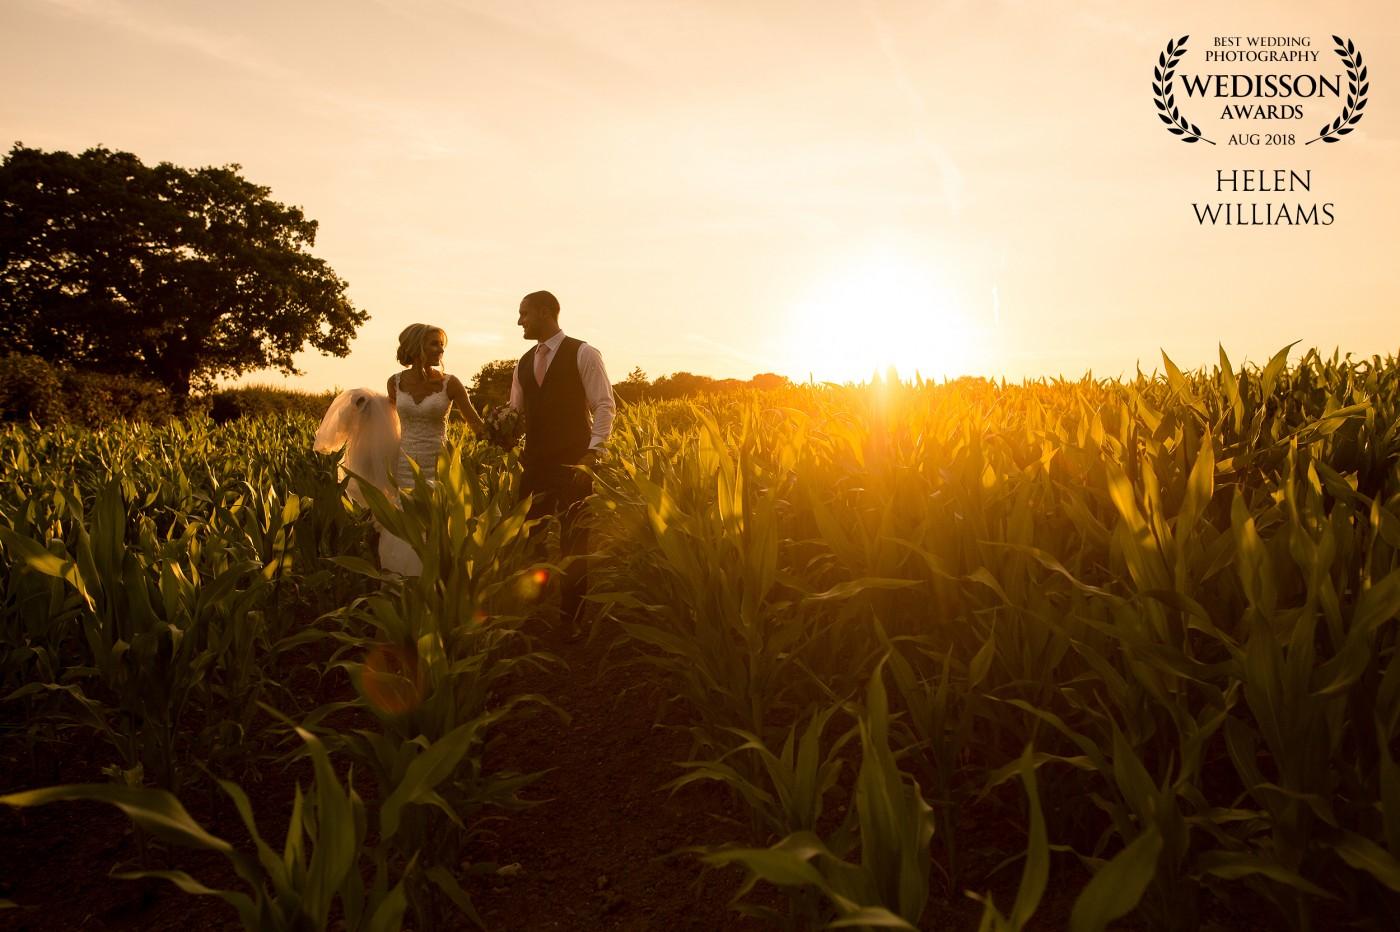 Sandhole Oak Barn Award Winning Photography